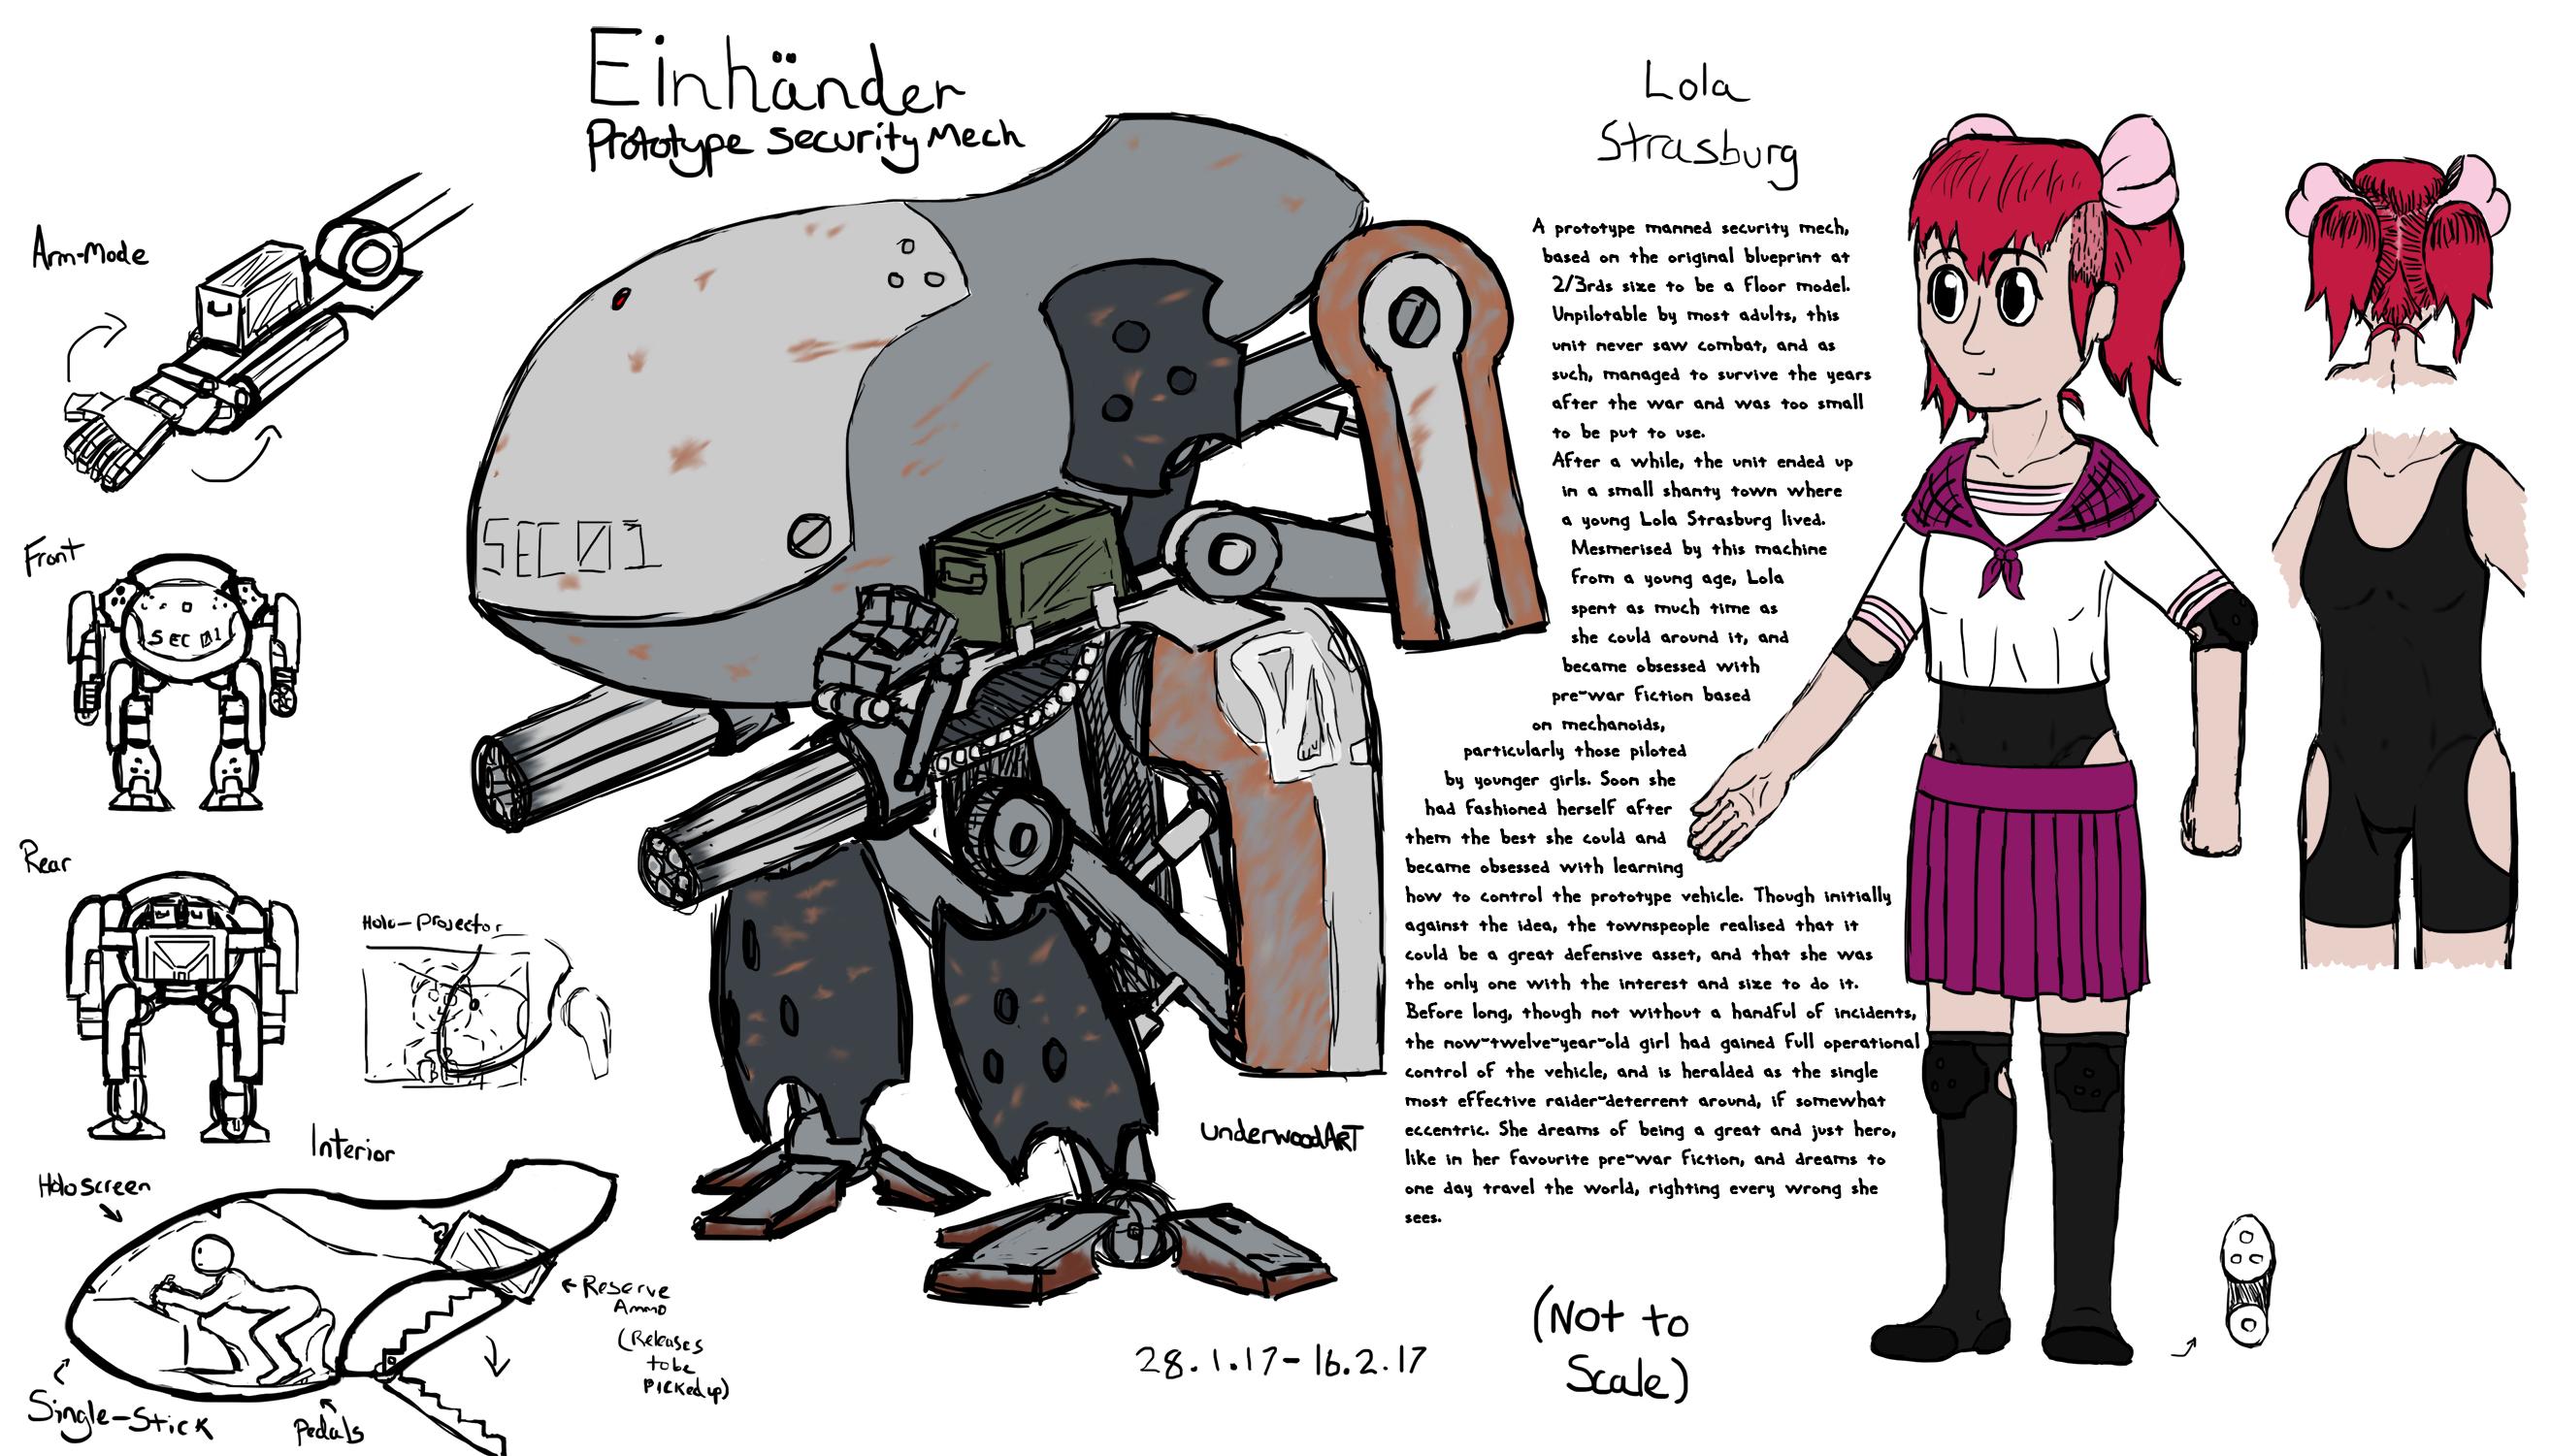 Lola and Einhander Concept by UnderwoodART